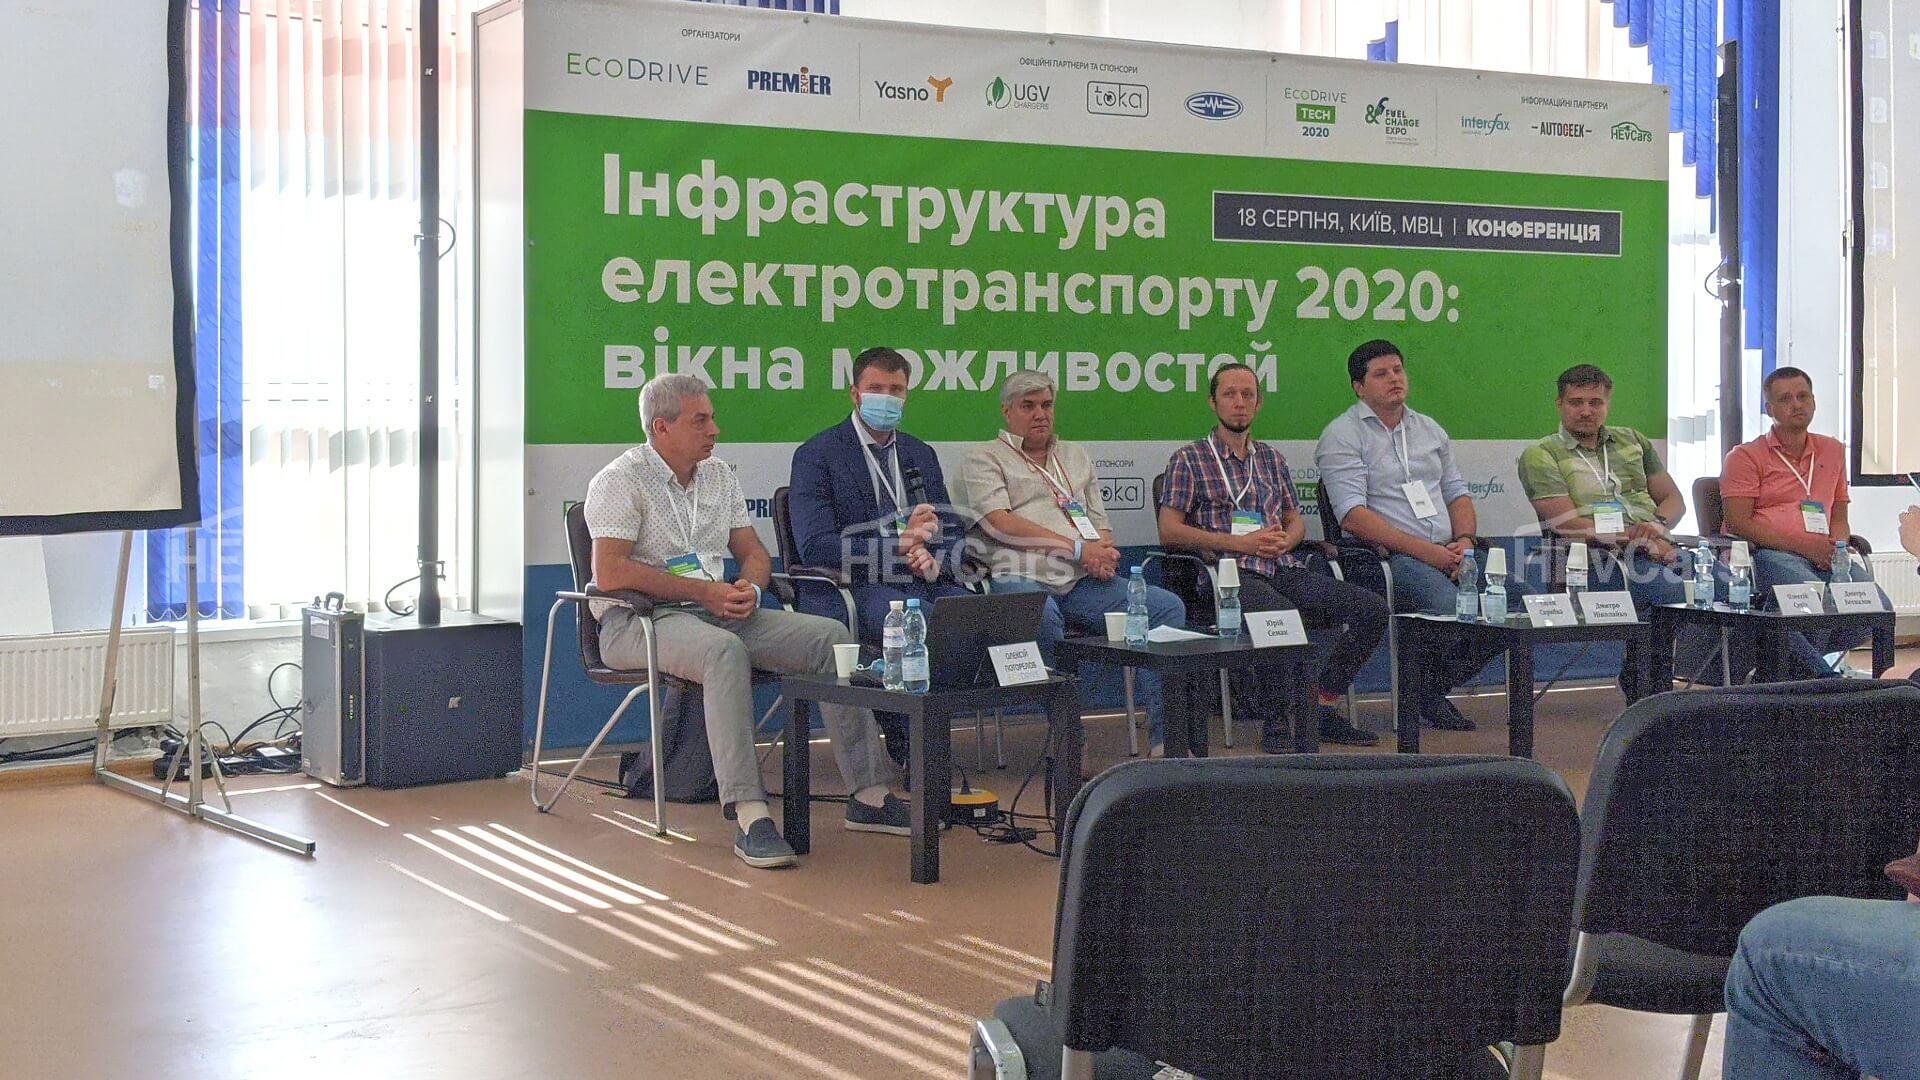 Конференция состояла из трех основных блоков, каждый из которых был посвящен определенному аспекту состояния и развития зарядной инфраструктуры